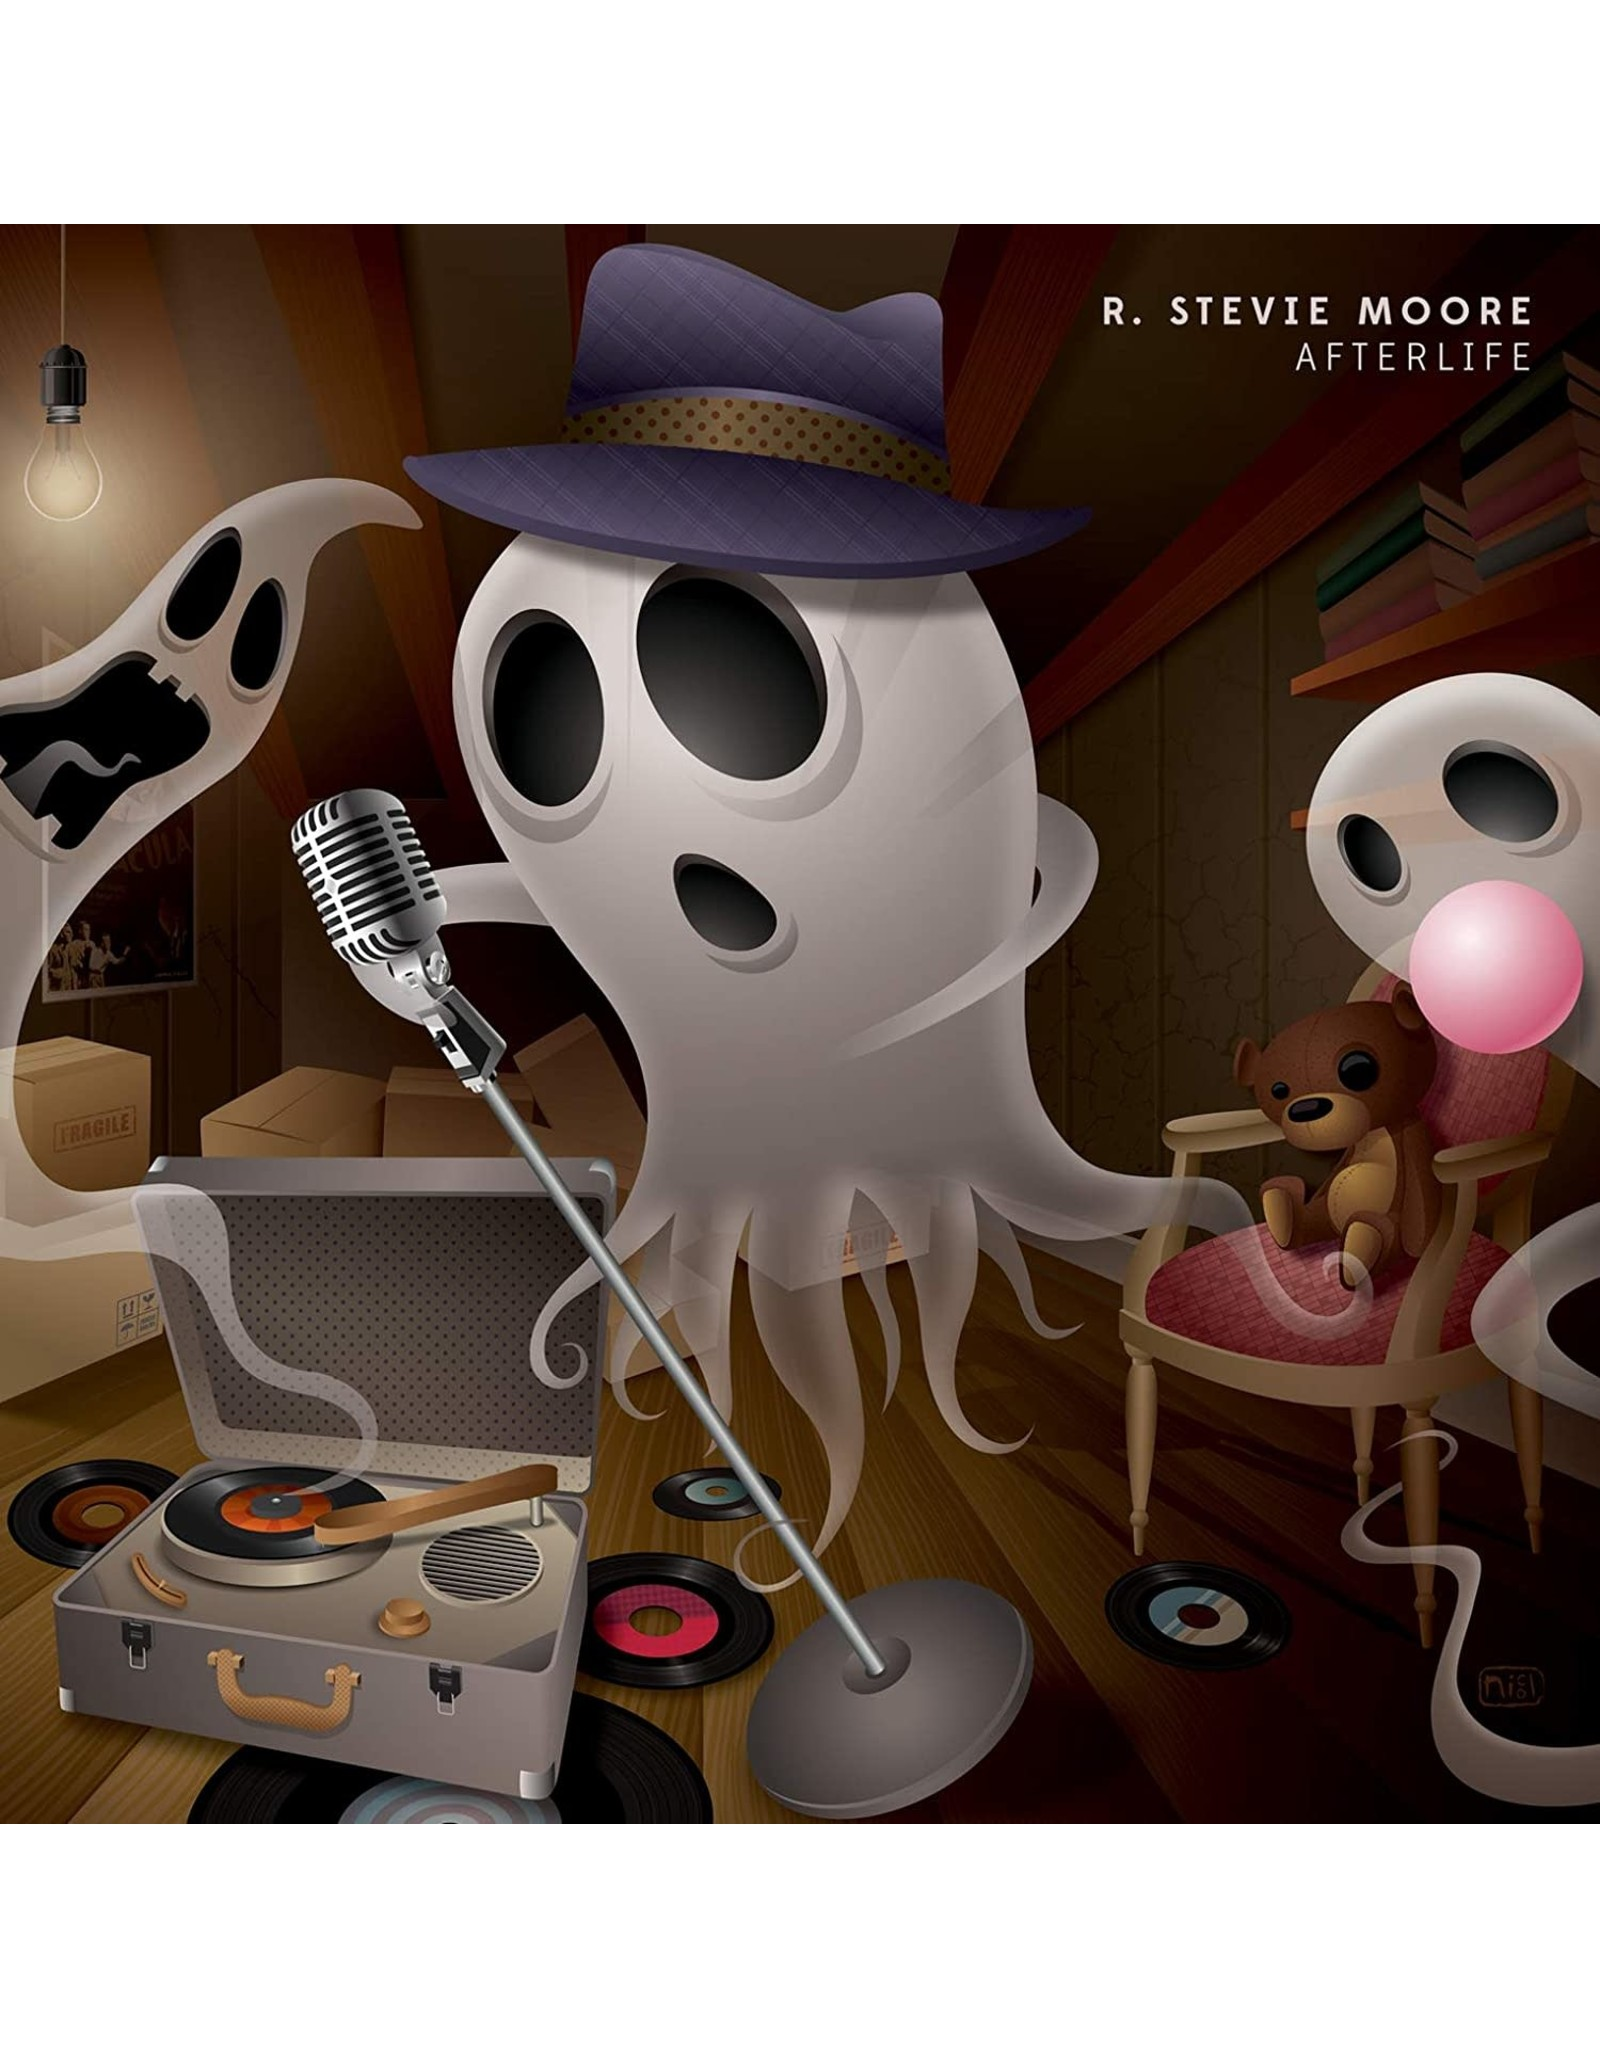 New Vinyl R. Stevie Moore - Afterlife LP